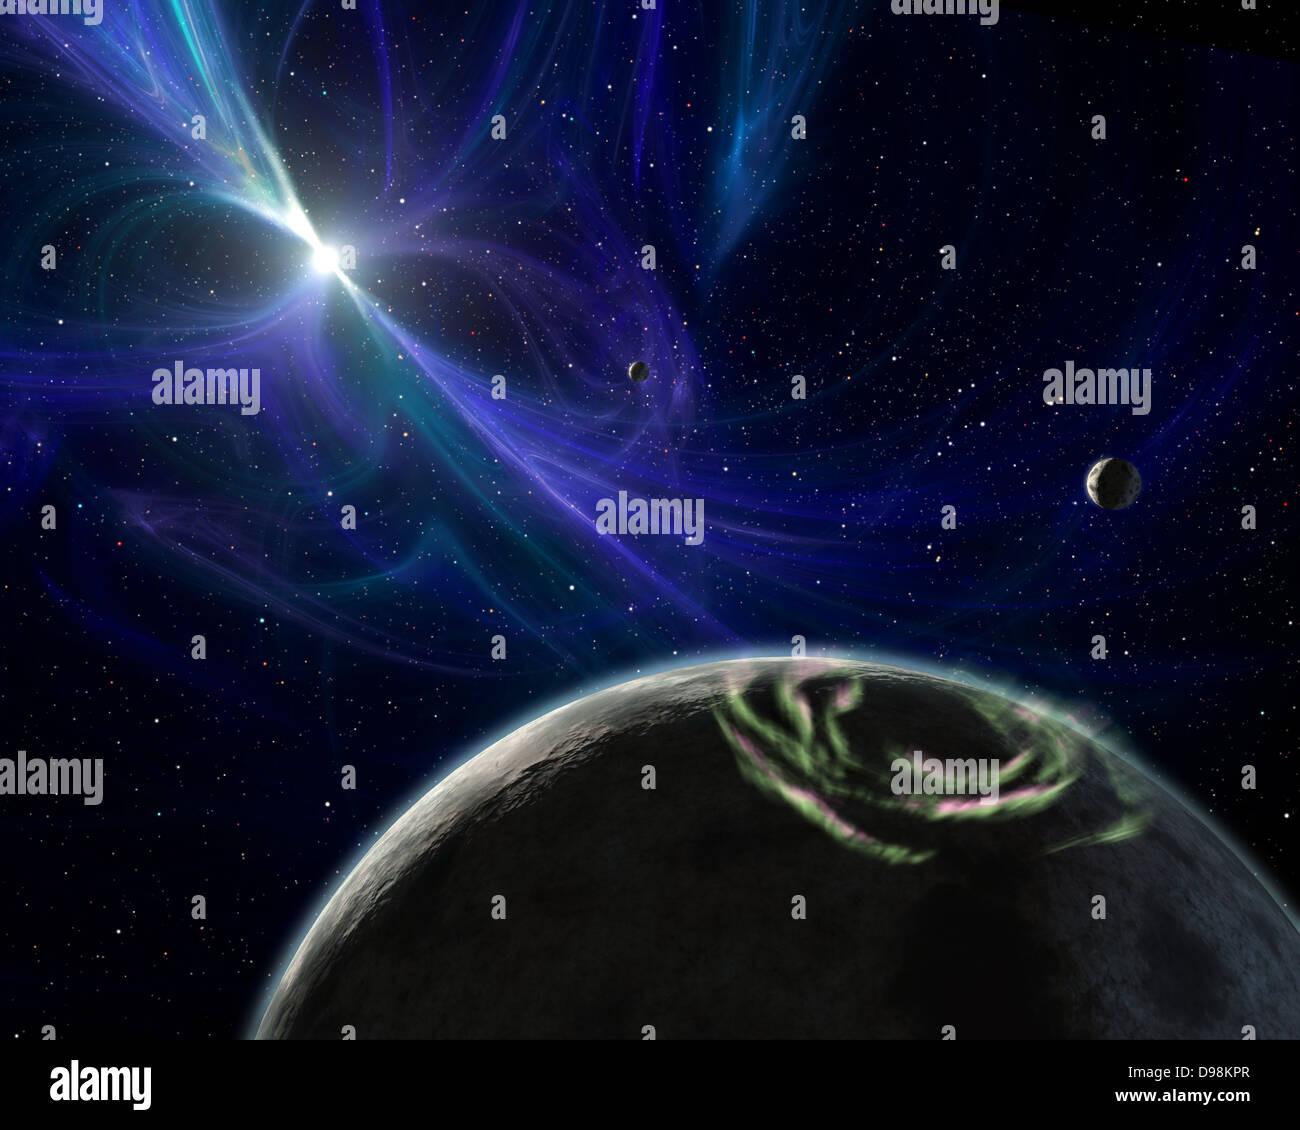 Concept de l'artiste du système planète pulsar découvert par Aleksander Wolszczan en 1992. Wolszczan Photo Stock